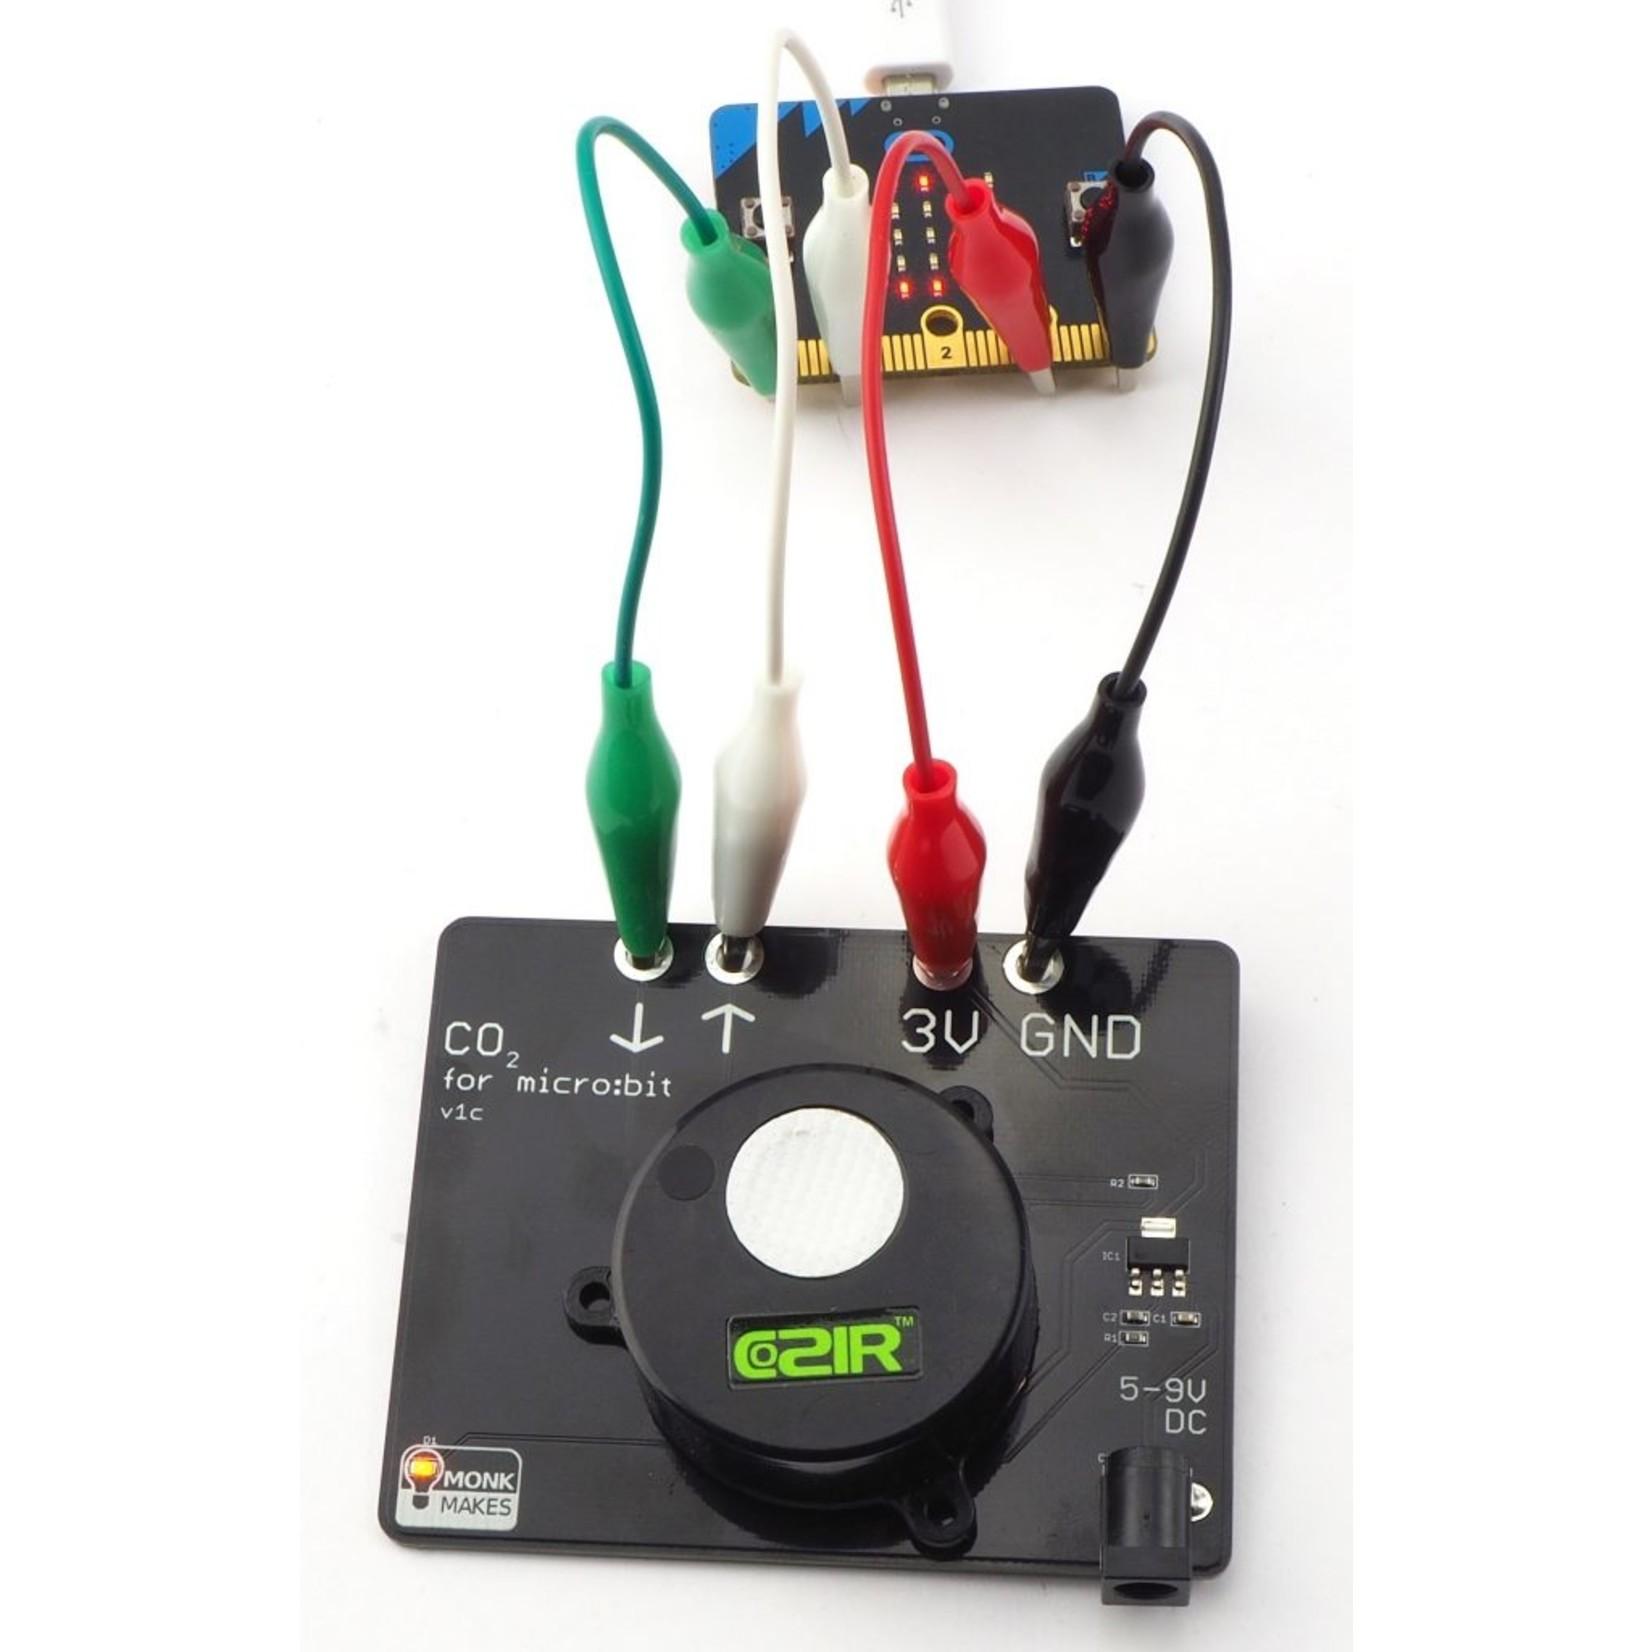 MonkMakes Capteur scientifique  de CO2 pour for micro:bit